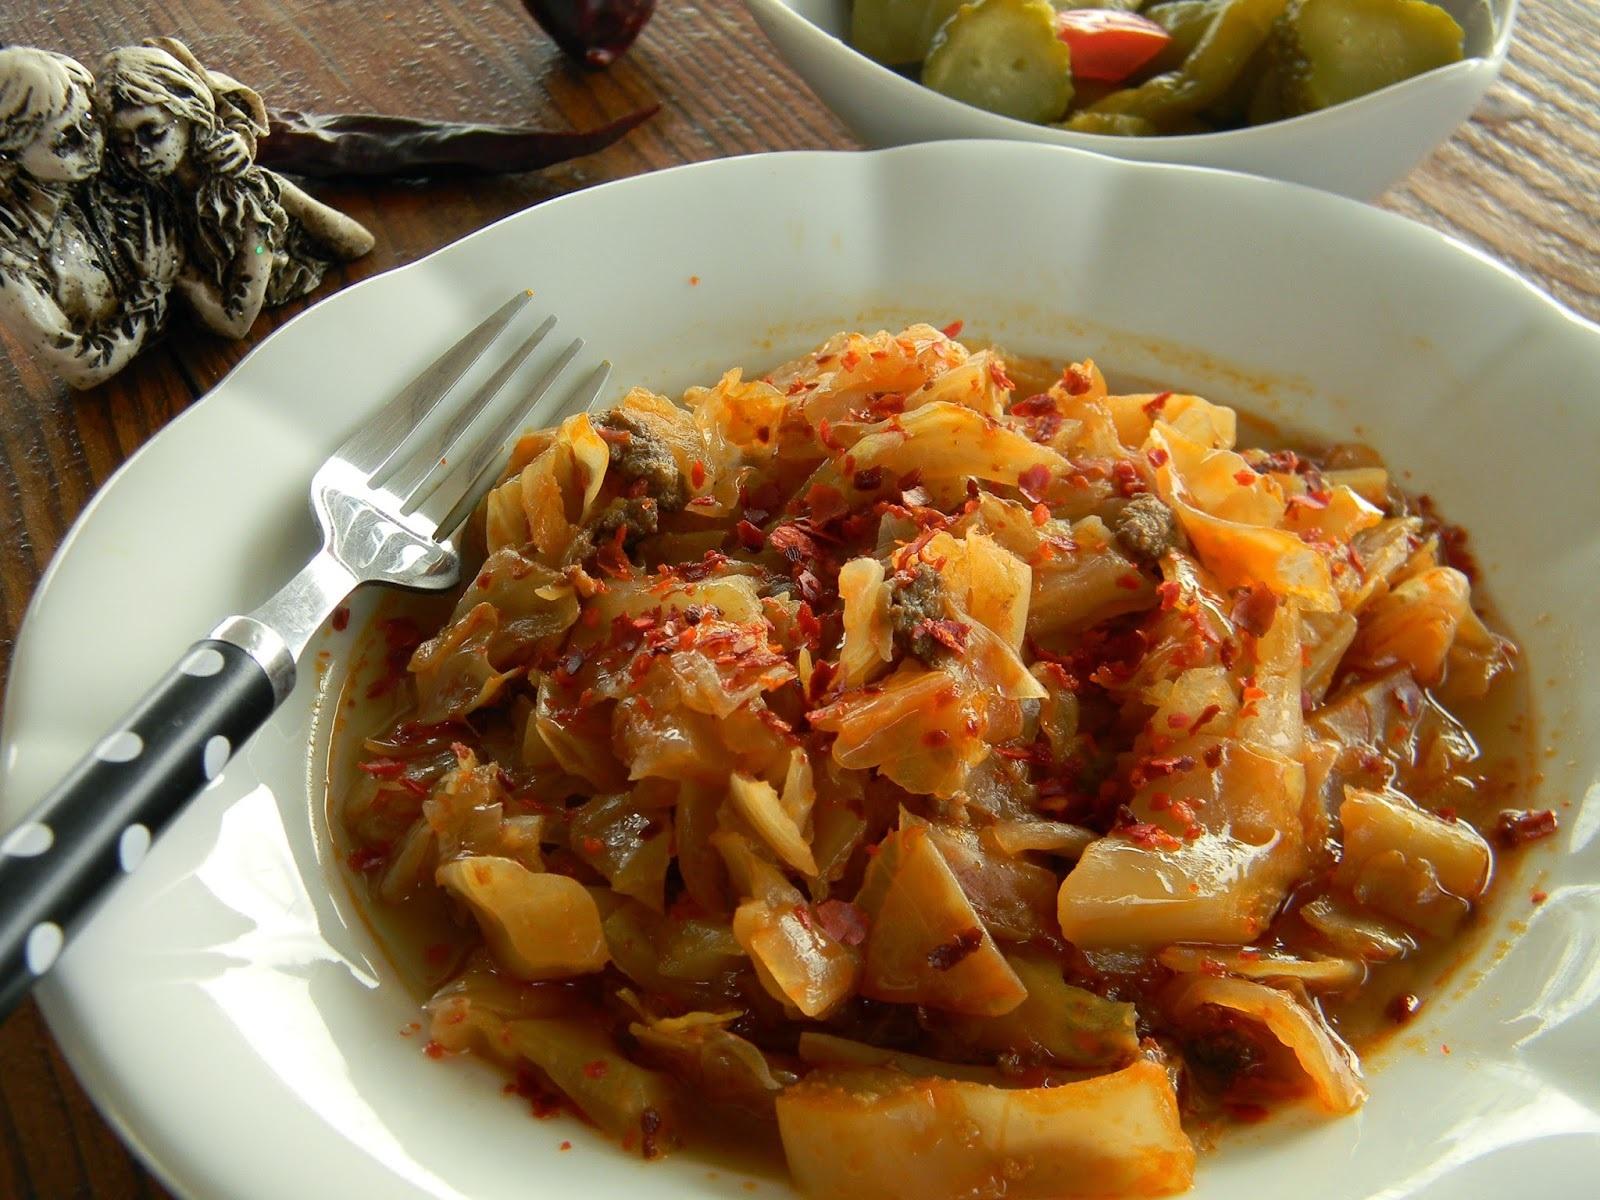 kapuska yemeği